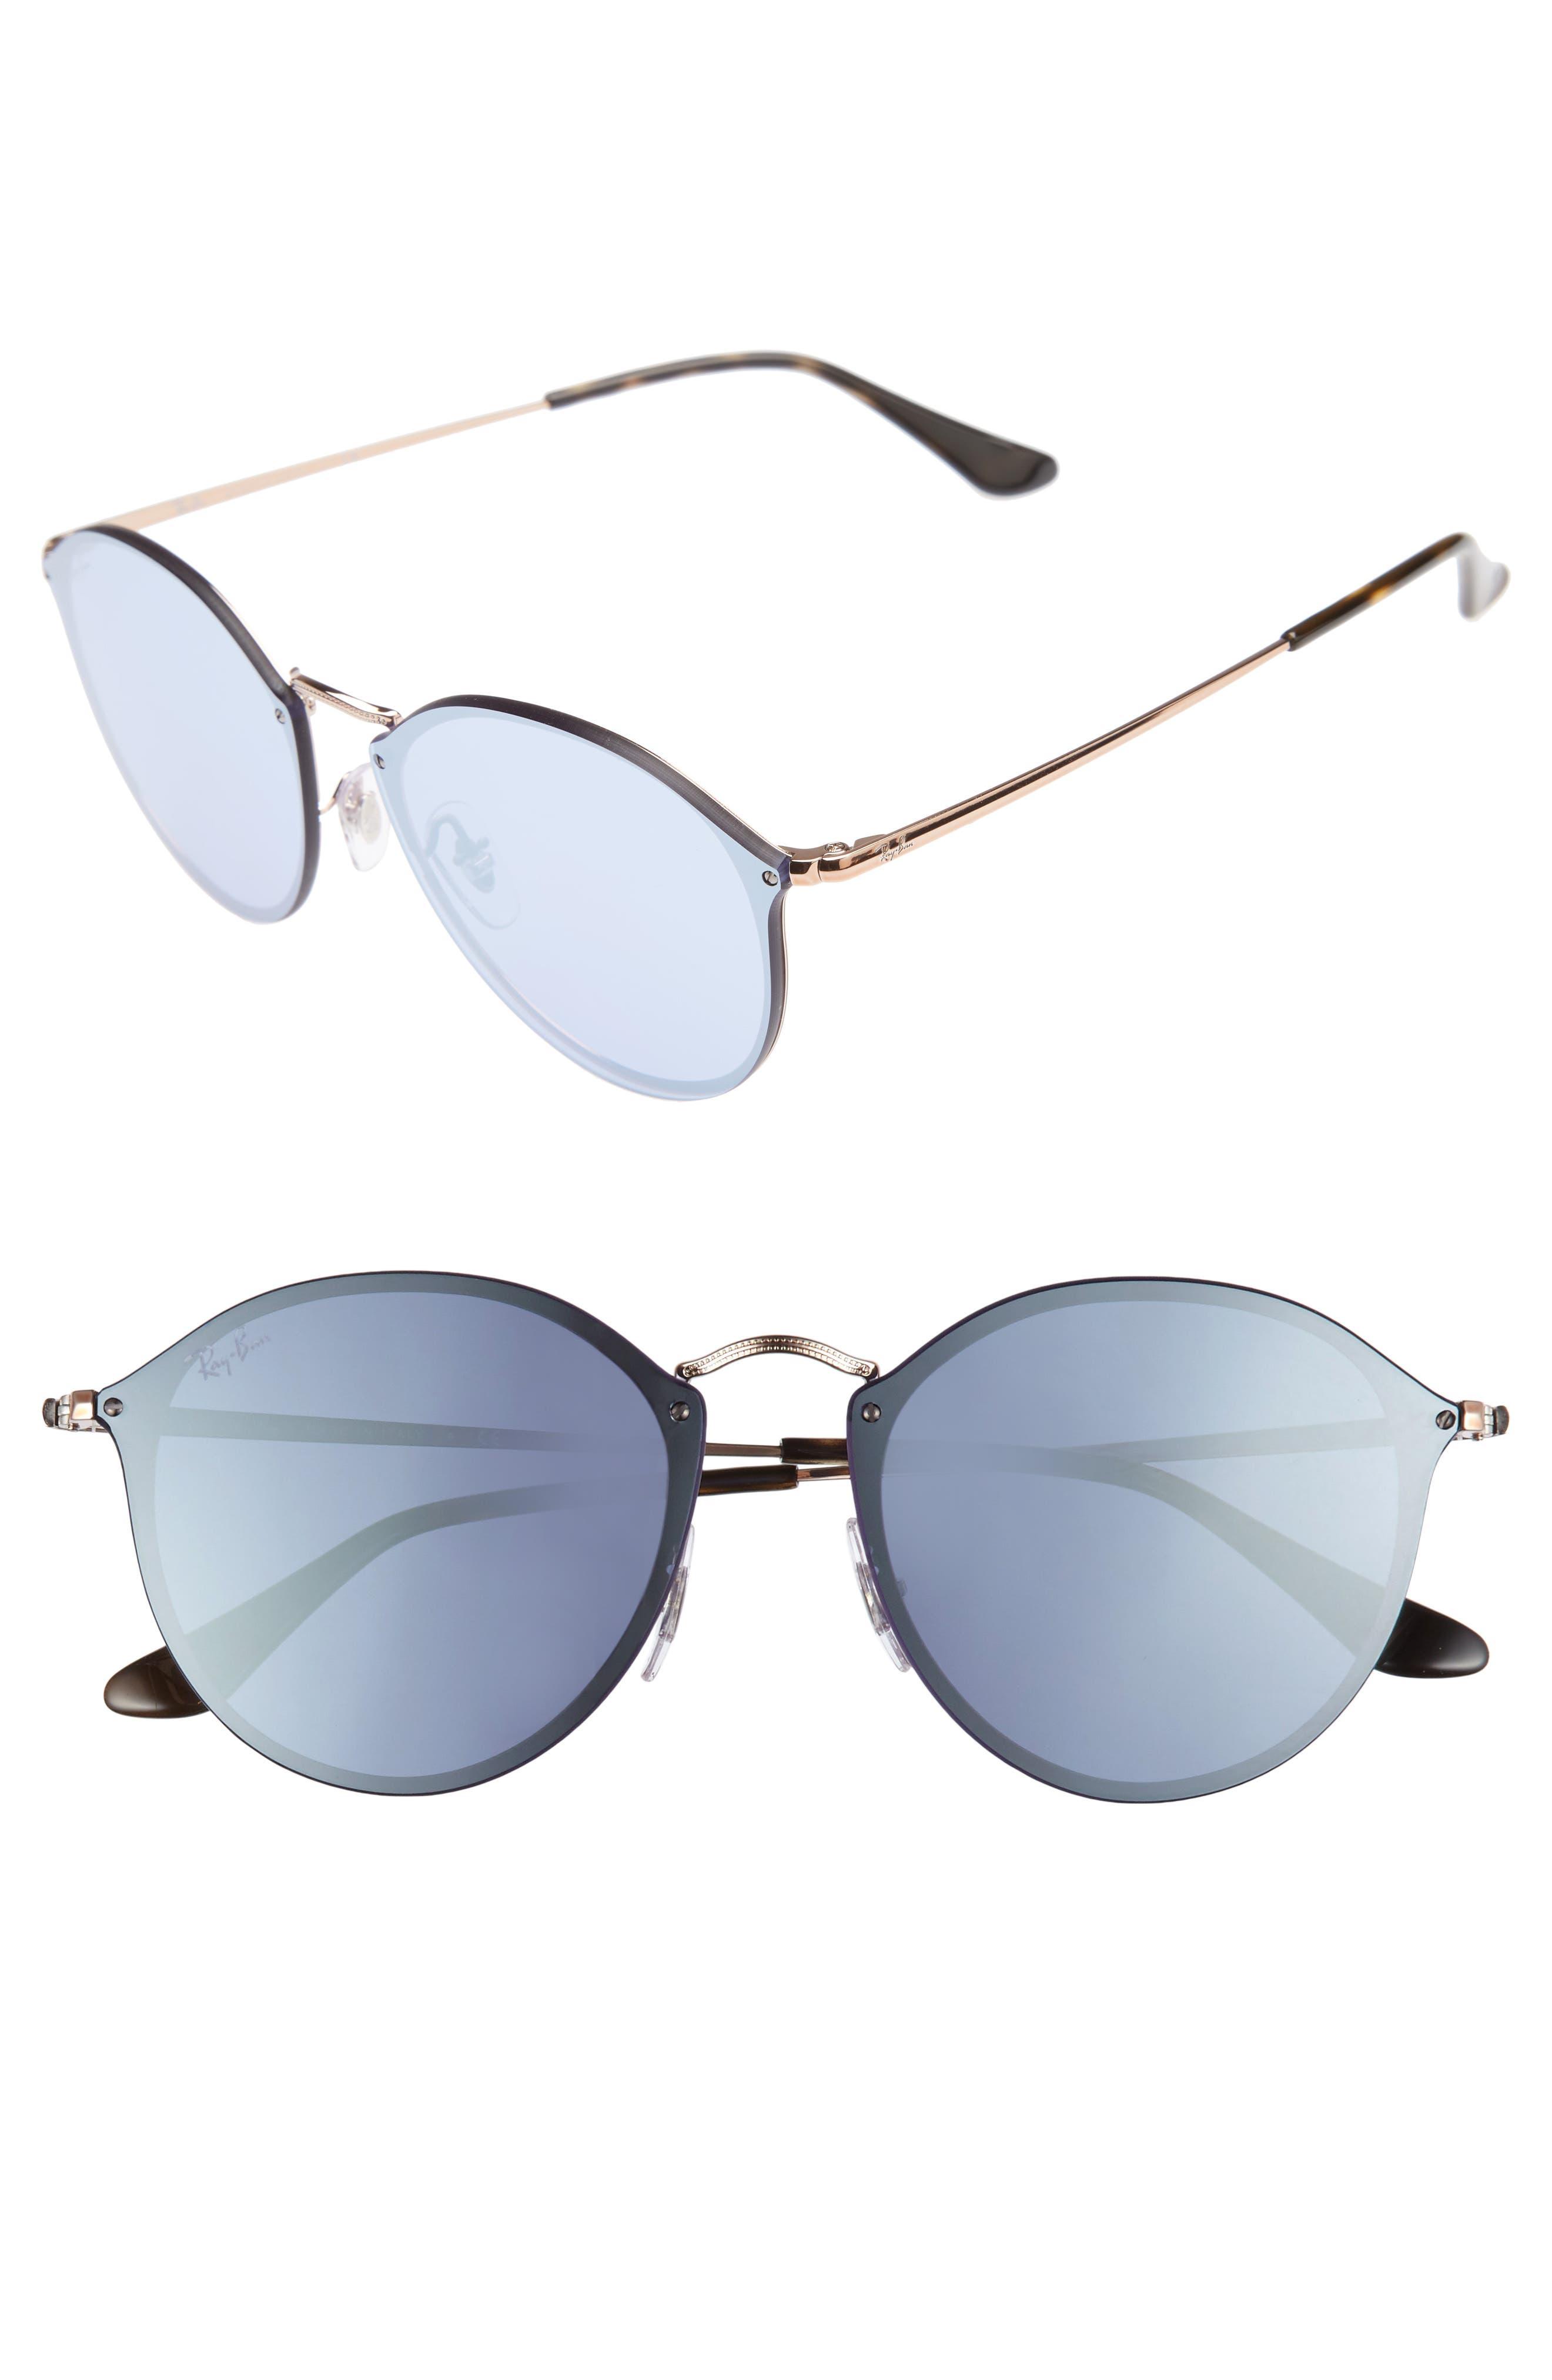 Main Image - Ray-Ban 59mm Blaze Round Mirrored Sunglasses